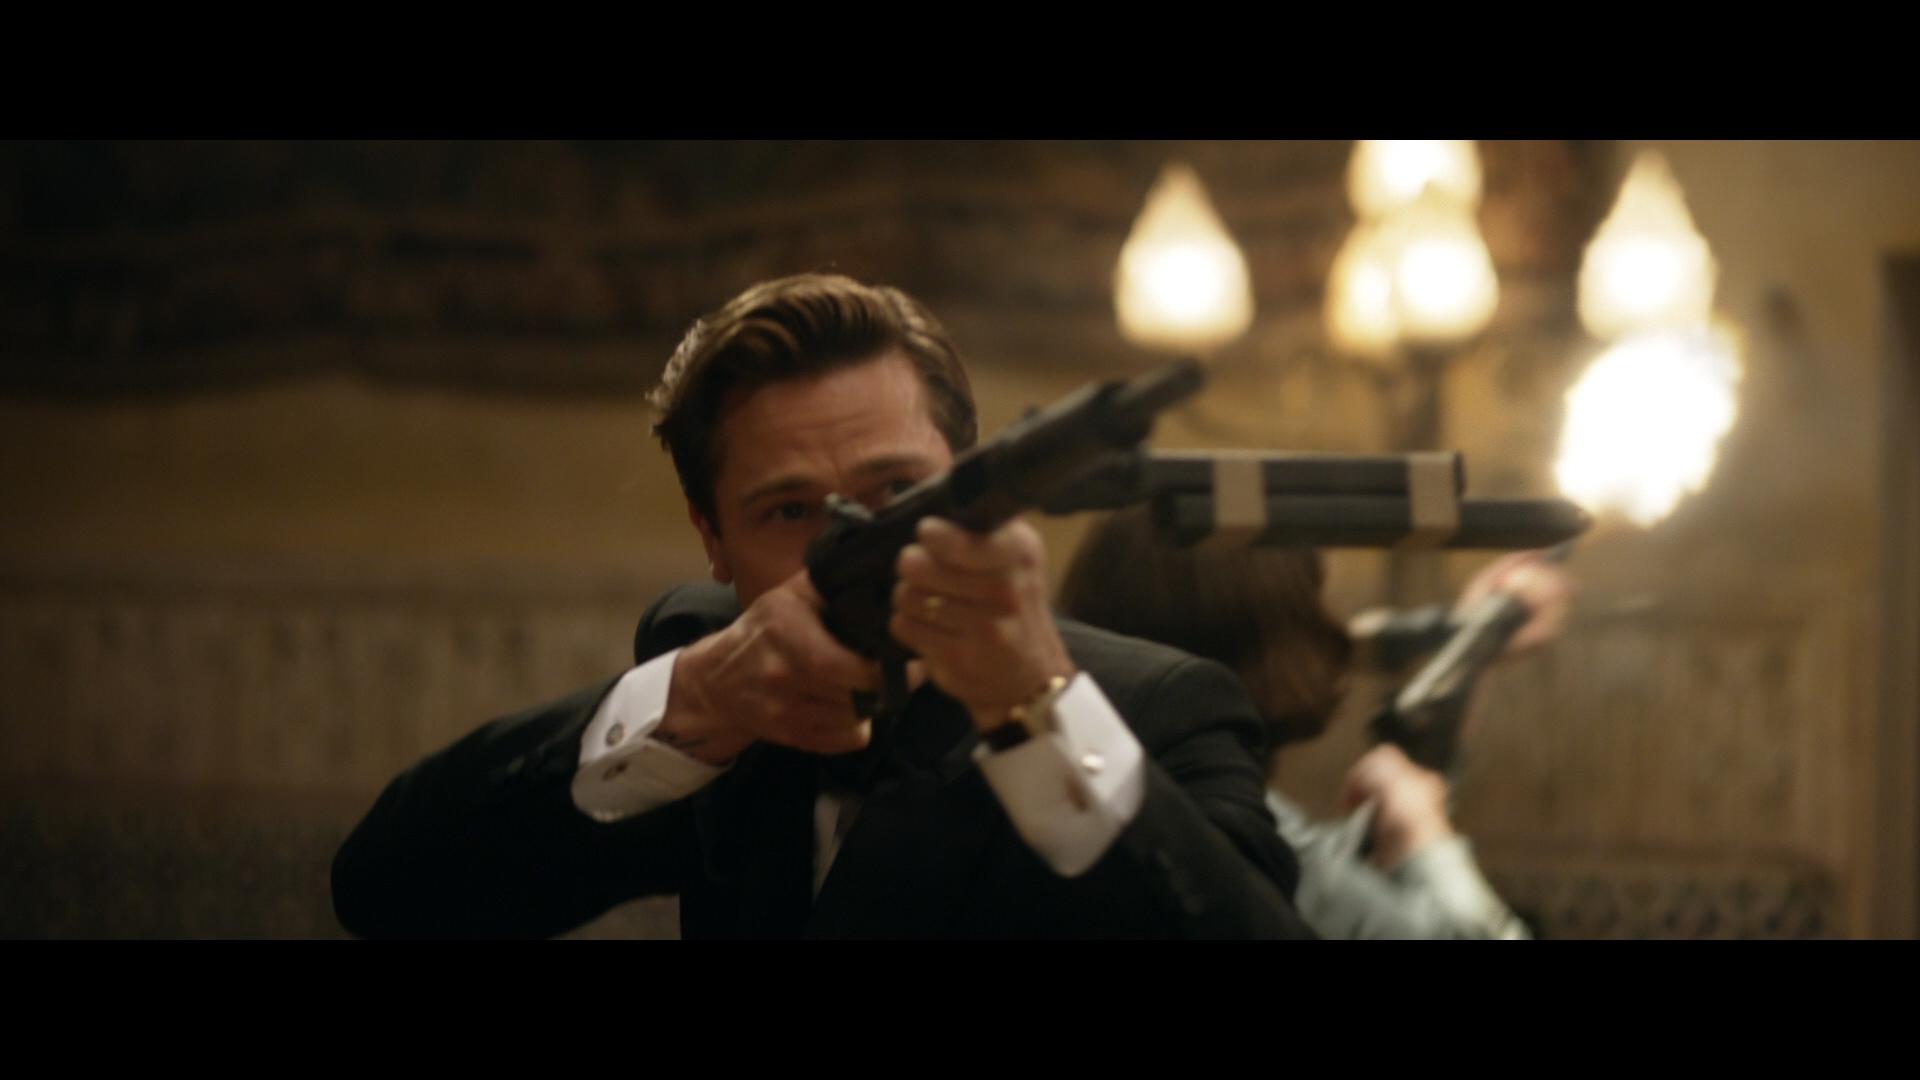 ALLIED (2016) - Max's (Brad Pitt) Sten Submachine Gun - Image 15 of 15